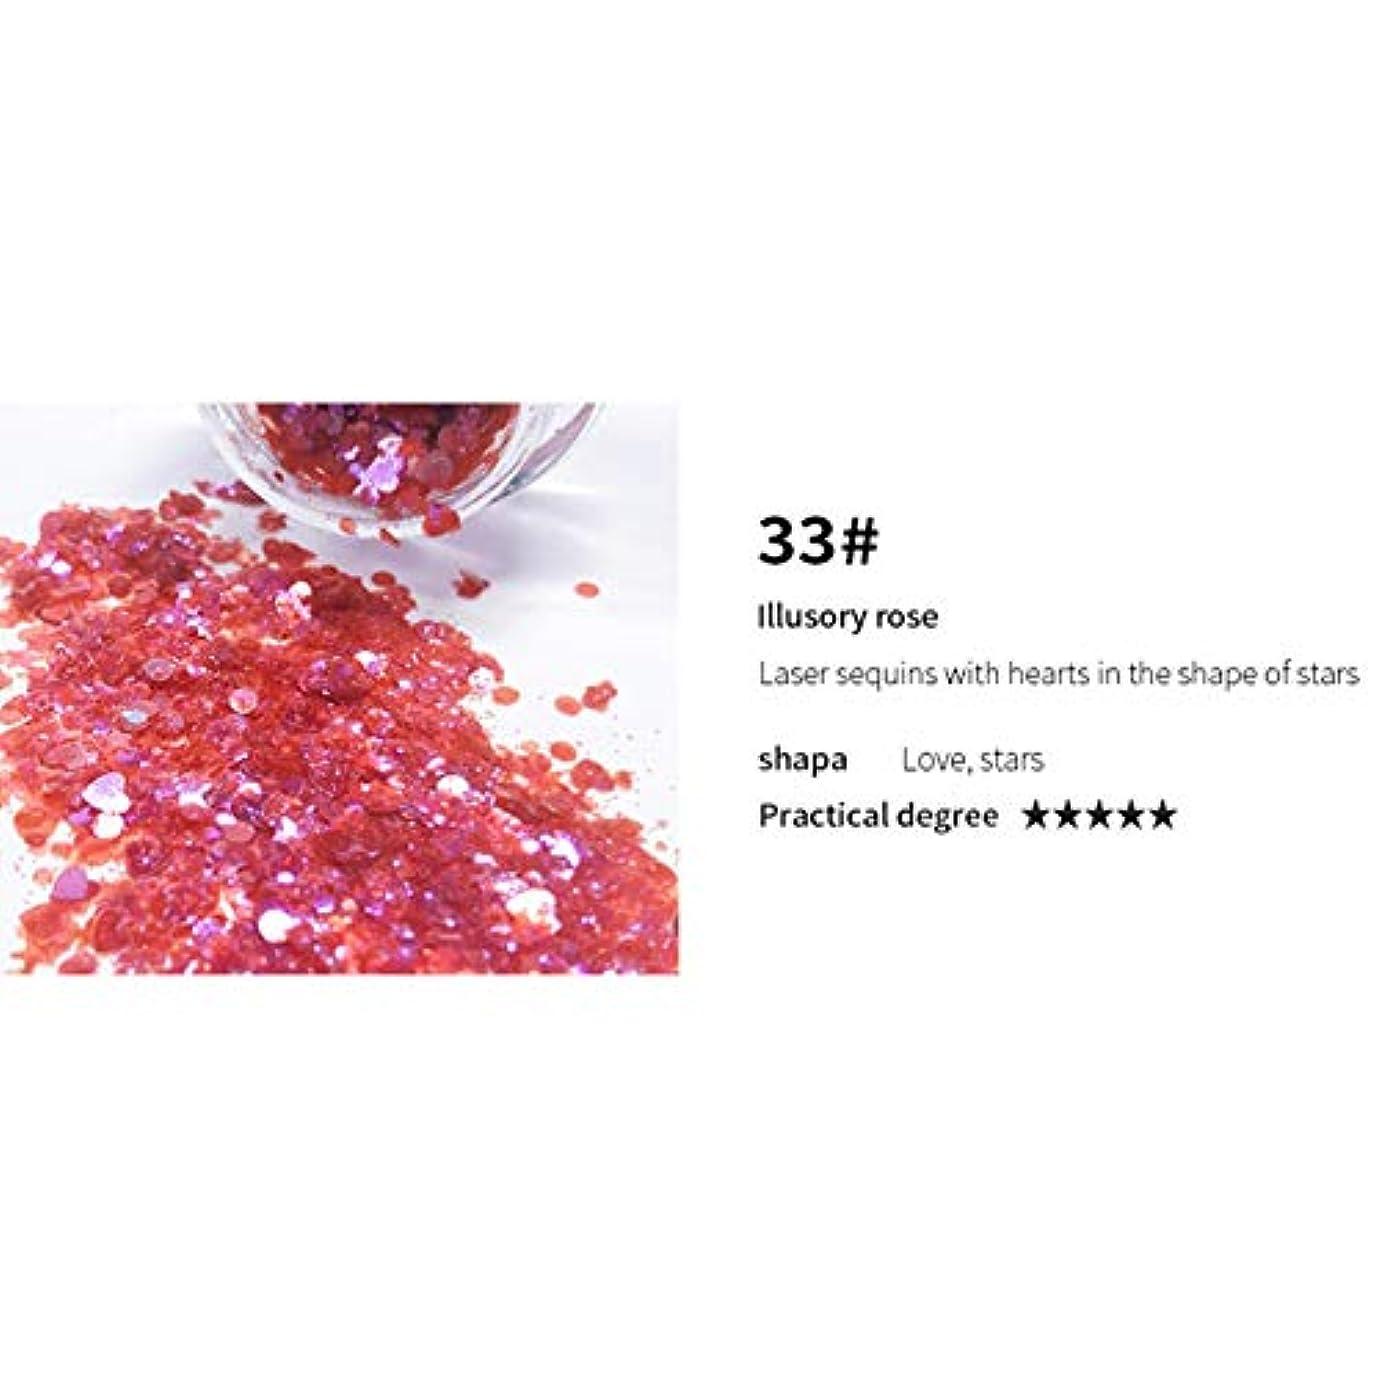 パテ光テーブルを設定するACHICOO キラキラパウダー 34色 スパンコール パーティーメイク 輝く カラフル 顔·目·リップ·ボディ·ヘアグリッターフラッシュ ネイル化粧品 ファッション 女性 33#